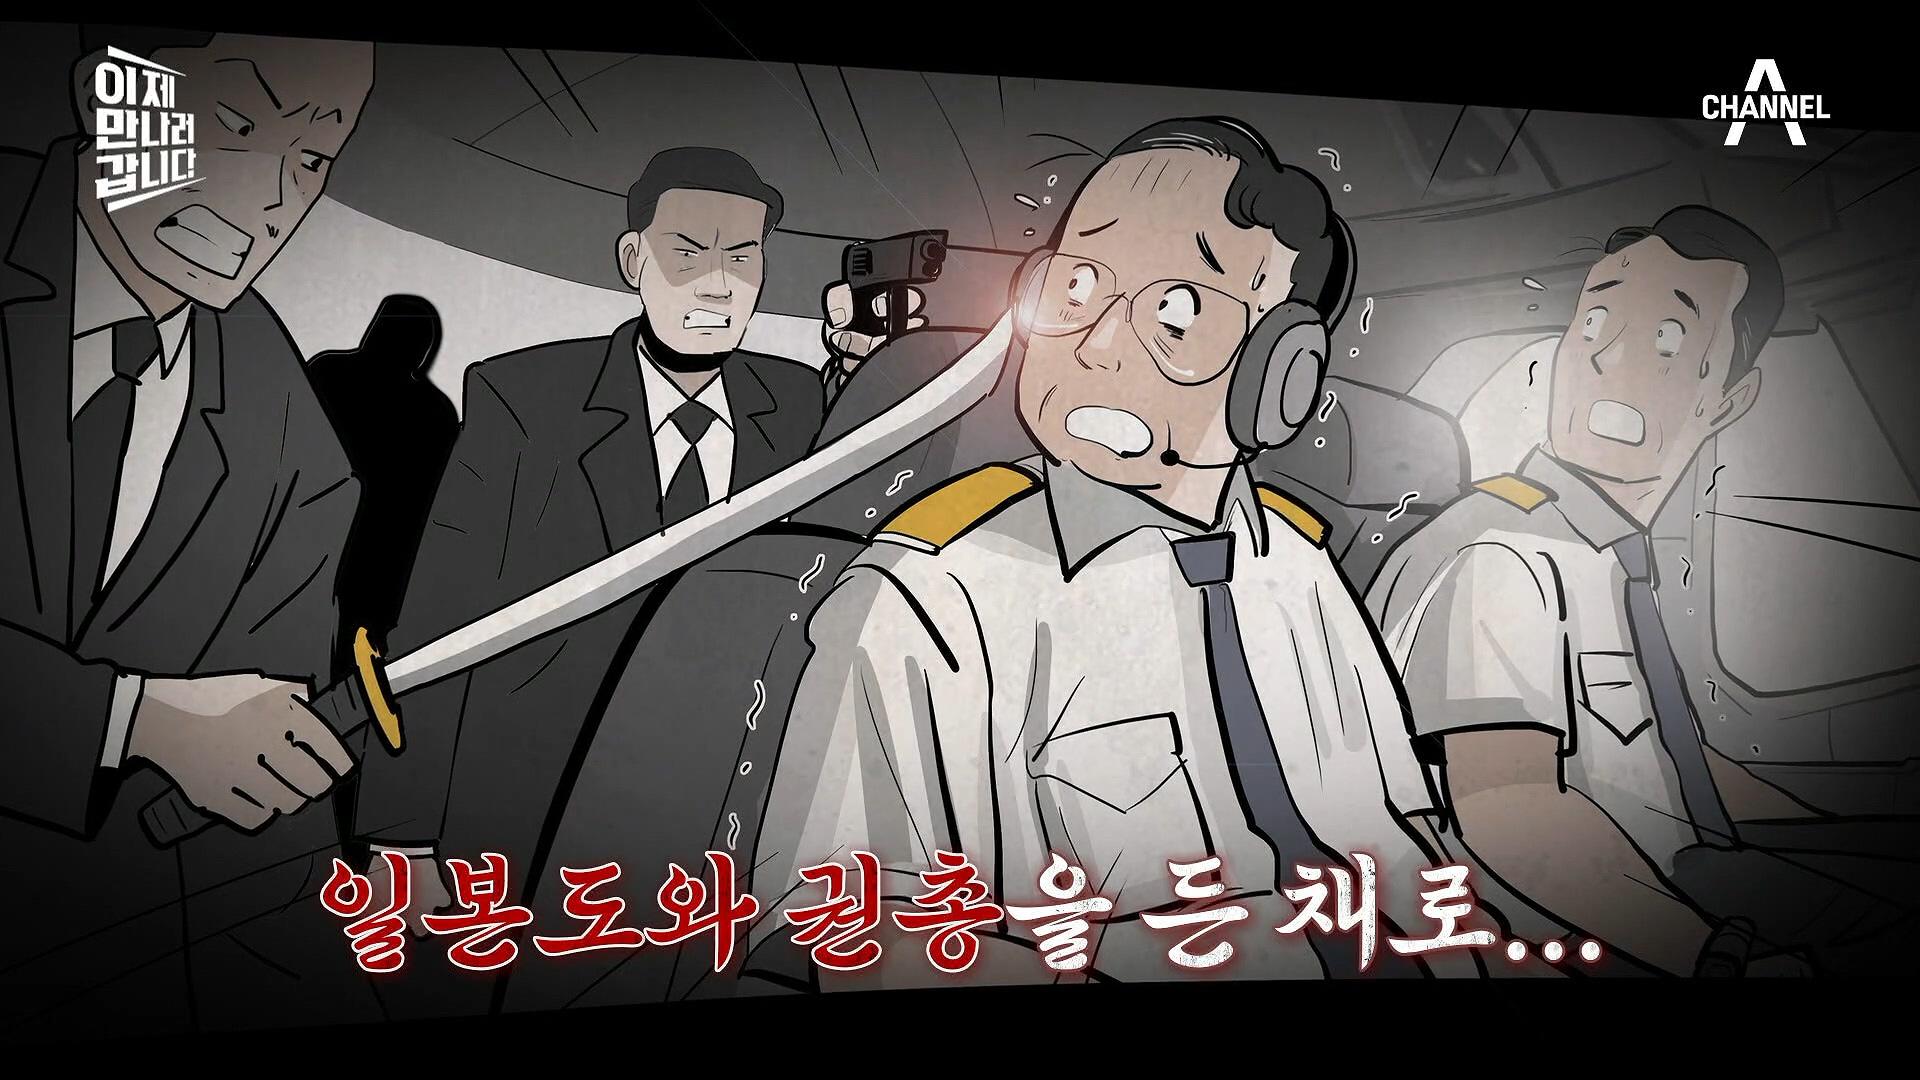 후지산 상공에서 공중 납치된 일본 비행기가 김포공항에 ....